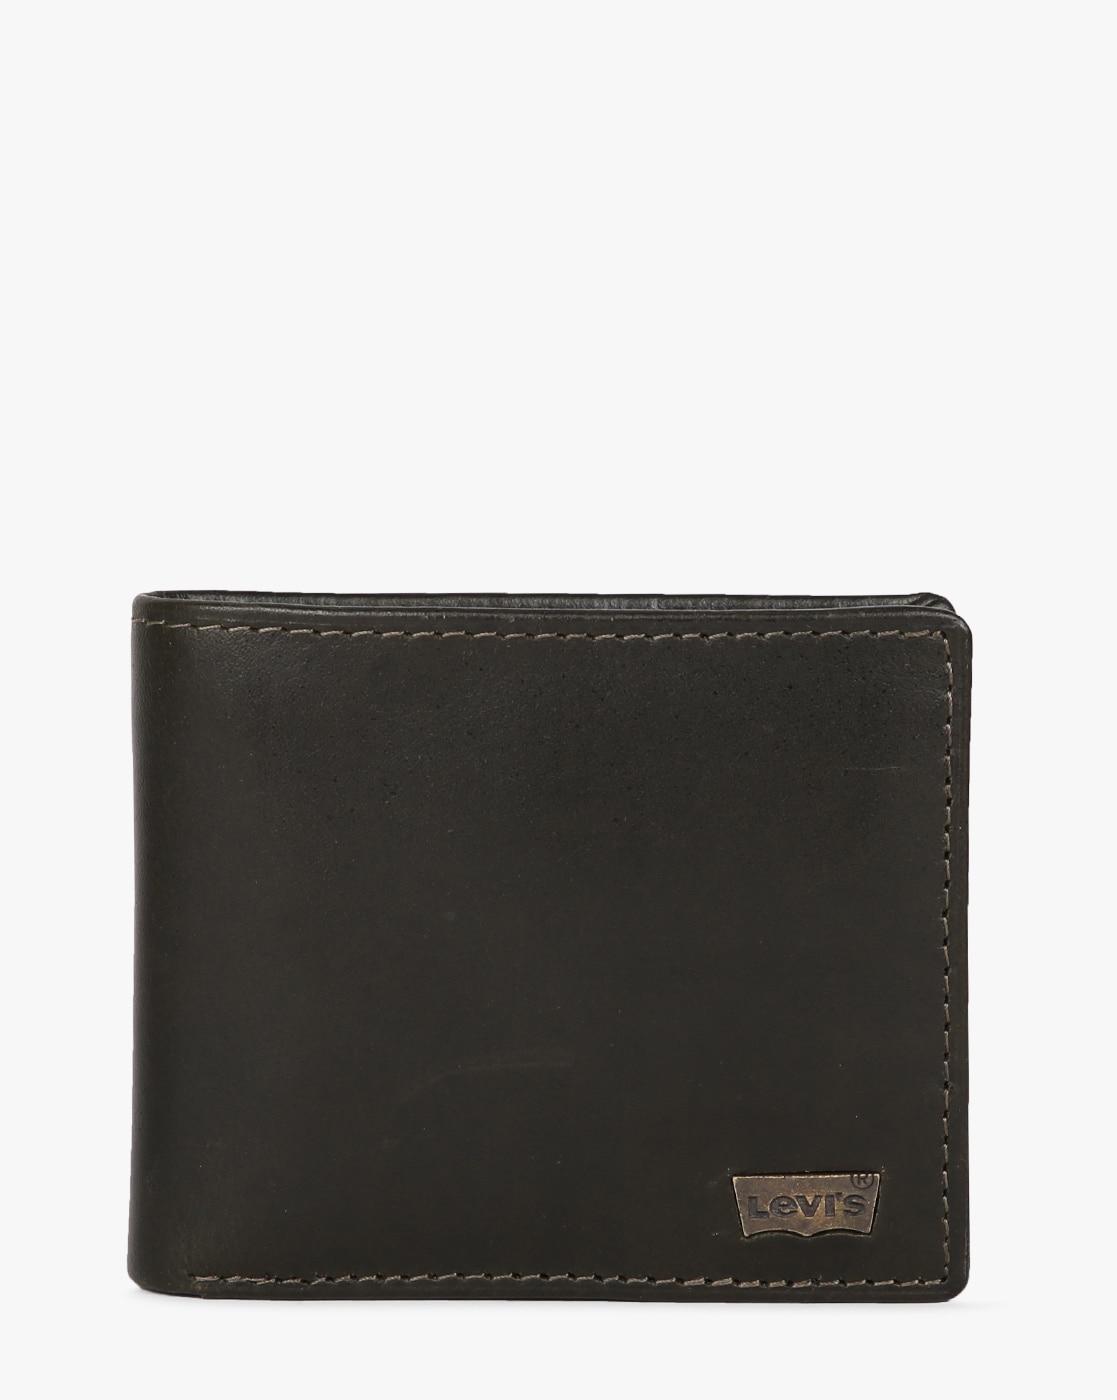 3f40d4af018b Buy Olive Green Wallets for Men by LEVIS Online